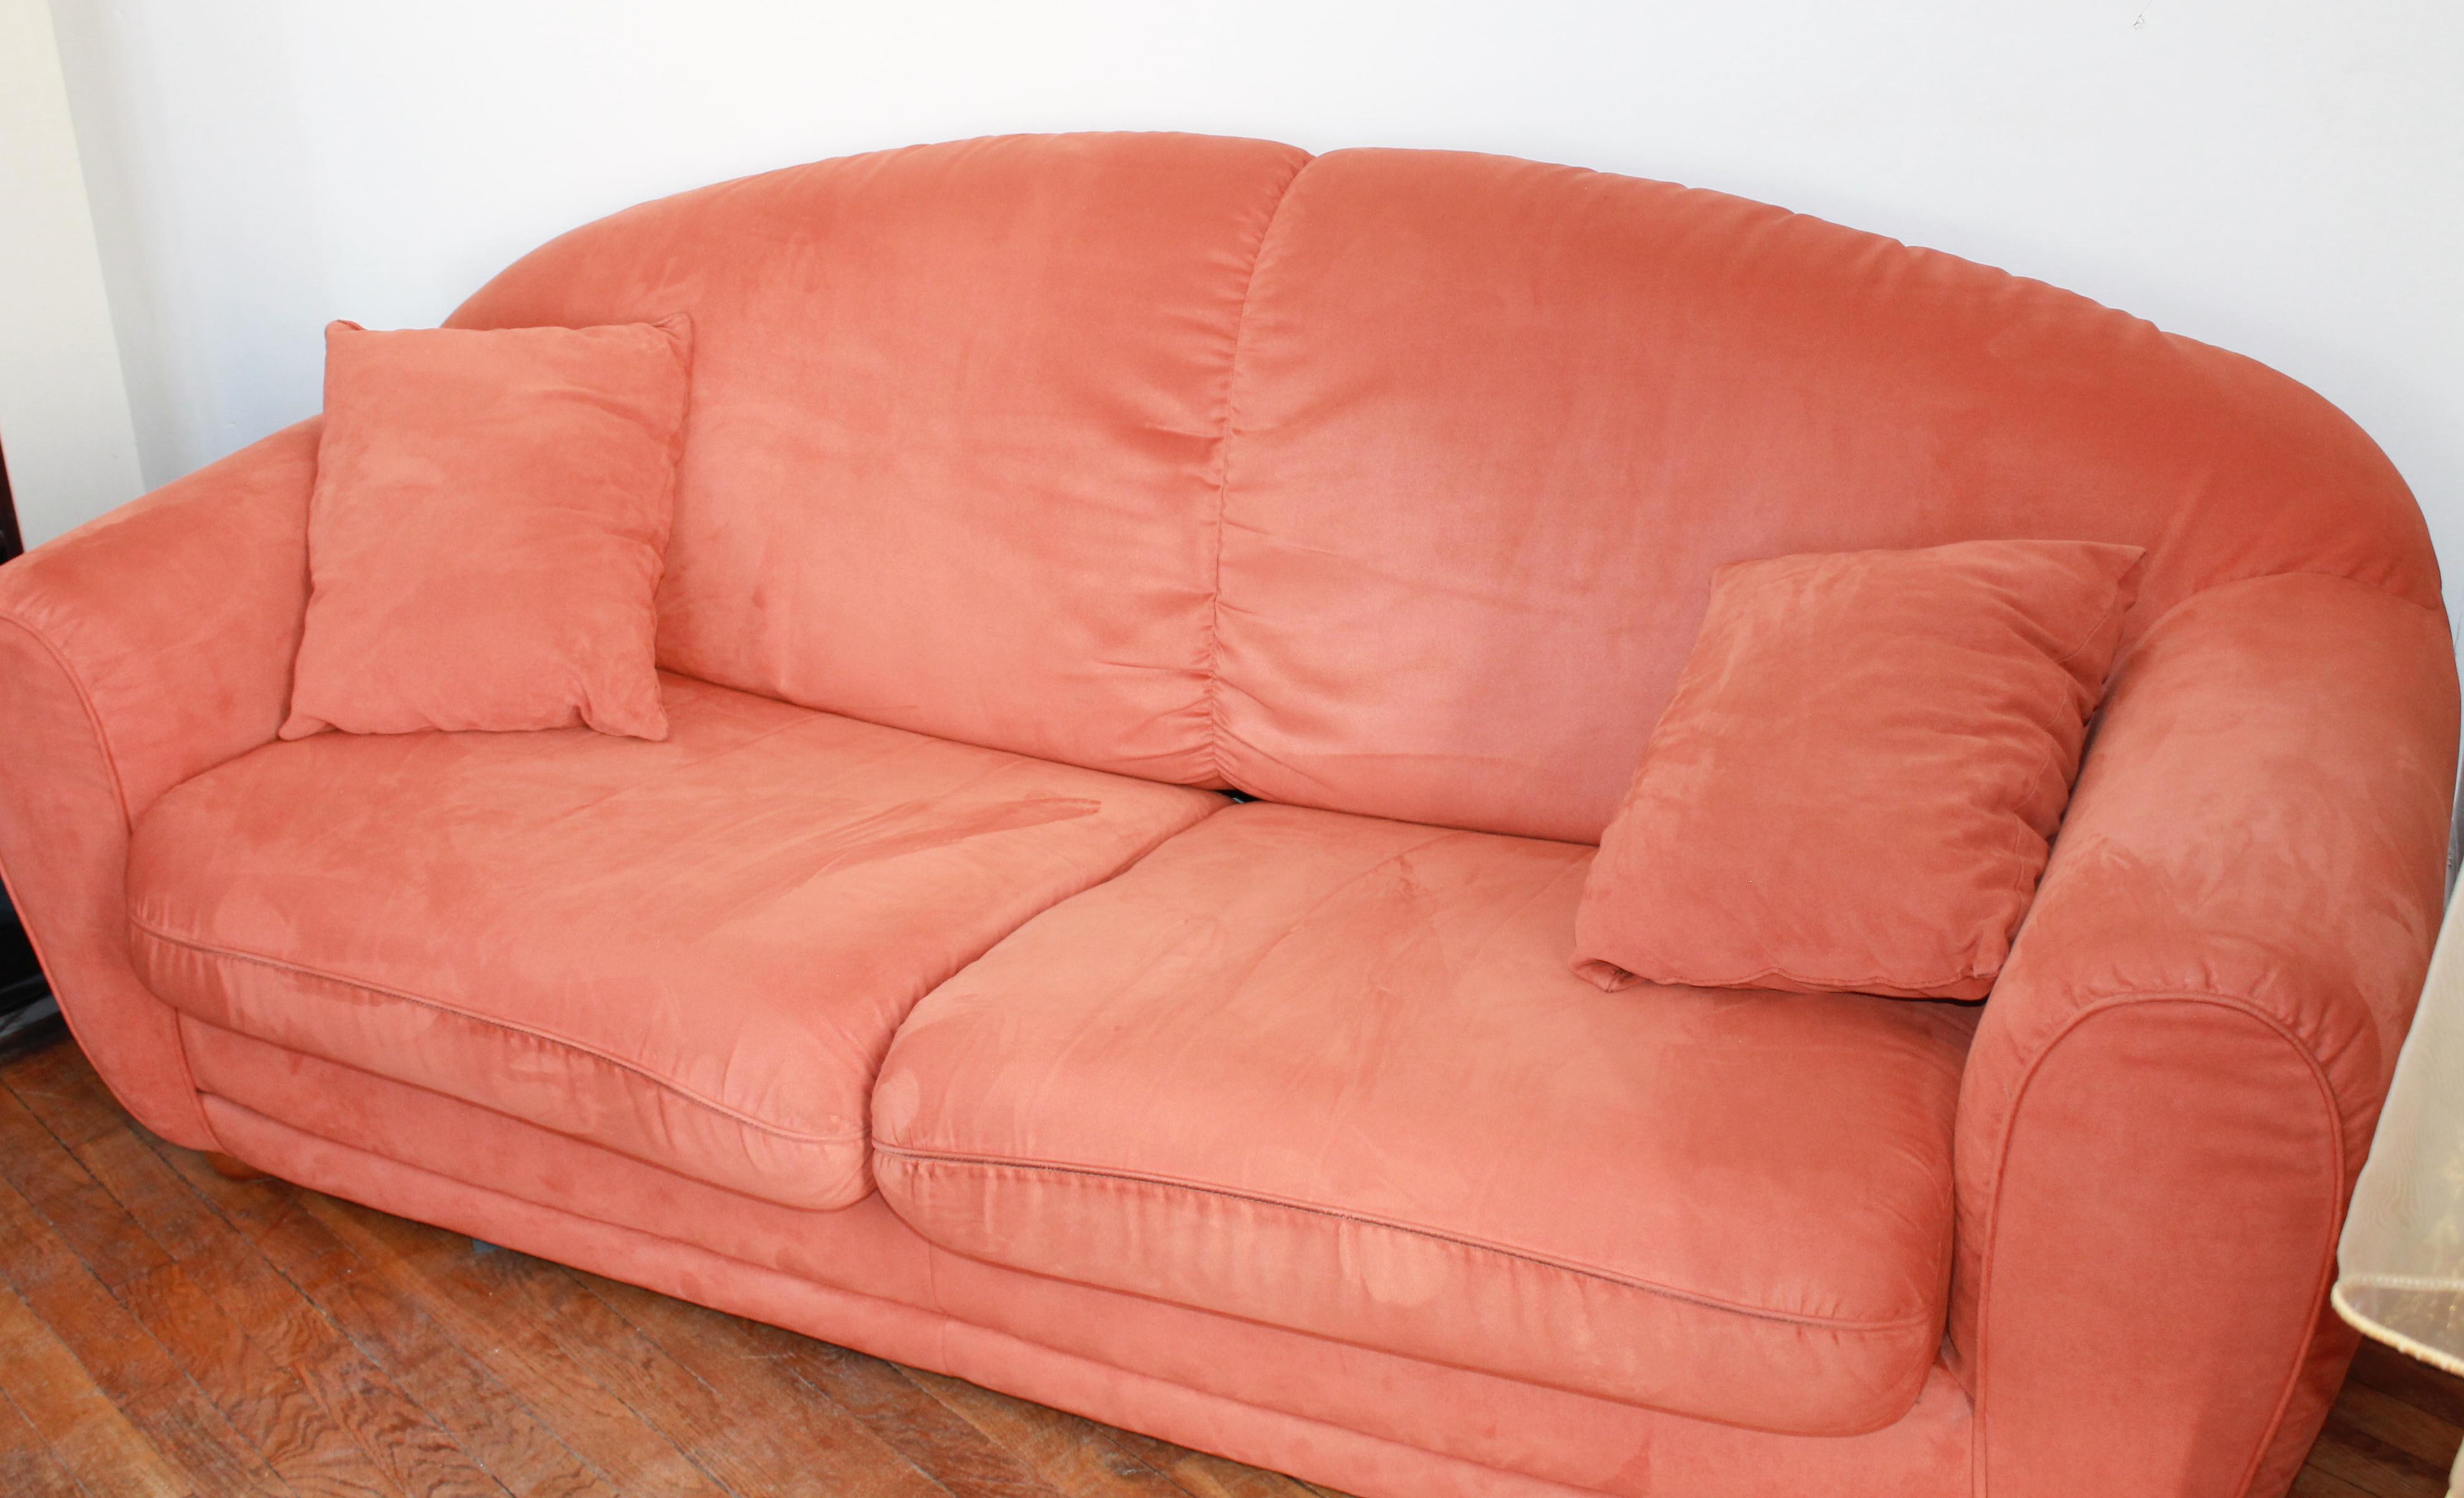 Canapé Cuir Convertible Conforama Luxe Stock Canap Convertible 3 Places Conforama 21 Delicieux Canape Set Meuble